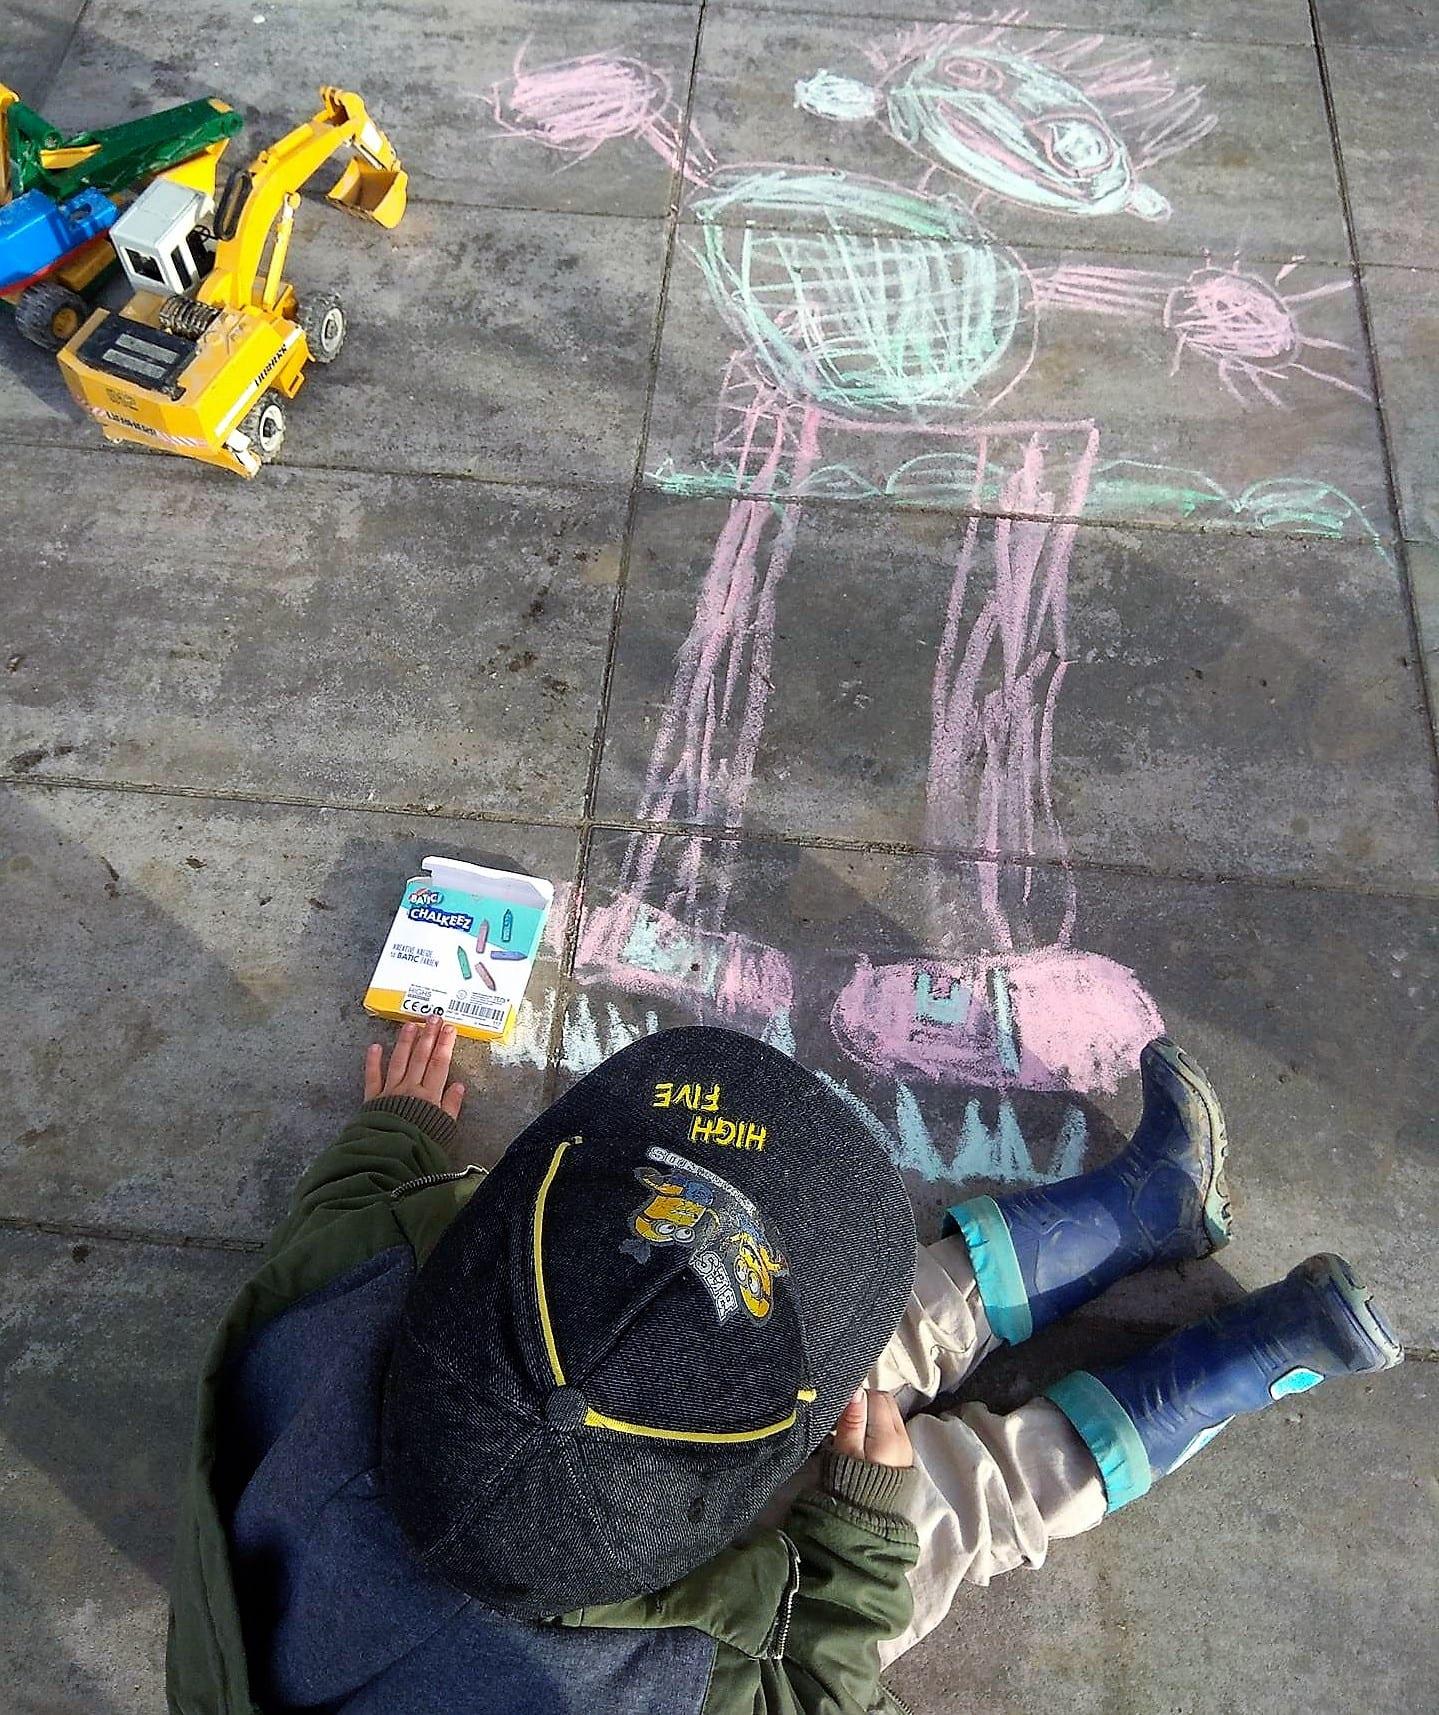 Der Lieblingsmoment mit Kind für die Freitagslieblinge am 2.2.18 war das Meisterwerk, das der Zwerg mit Straßenmalkreide auf der Terrasse festgehalten hat.